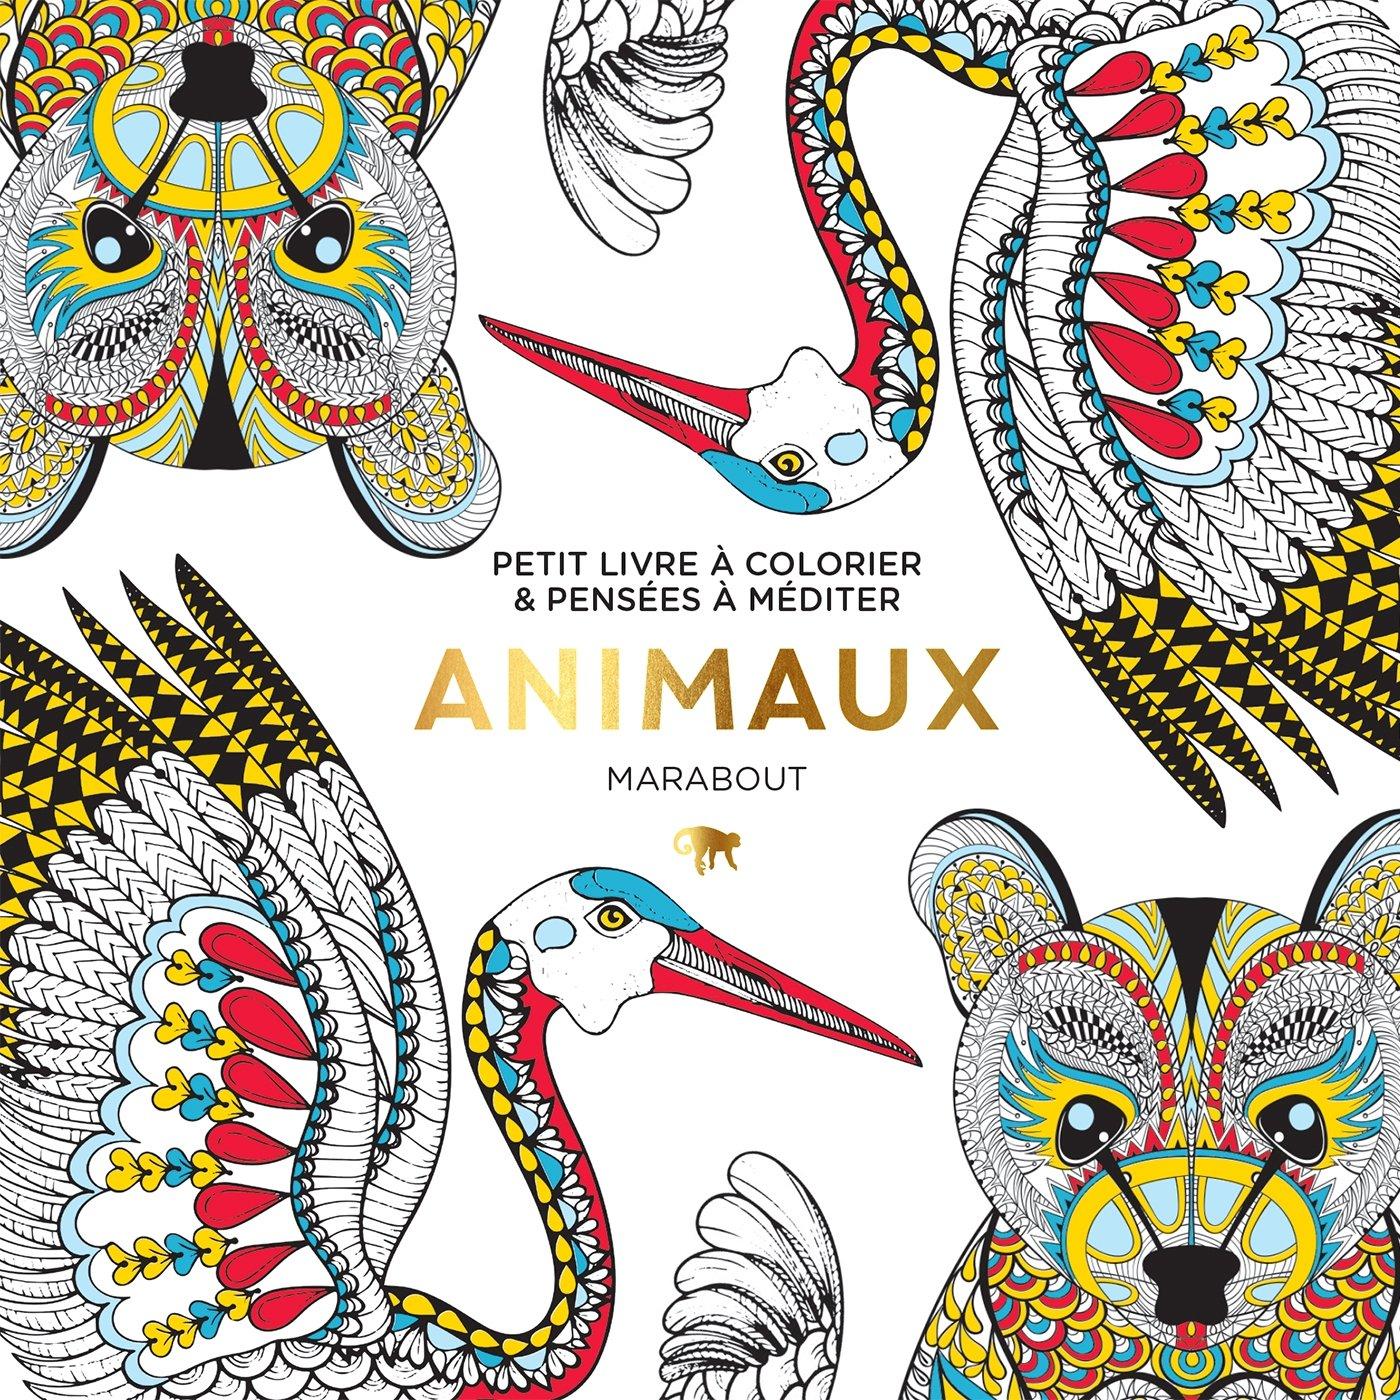 Petit livre  colorier Animaux